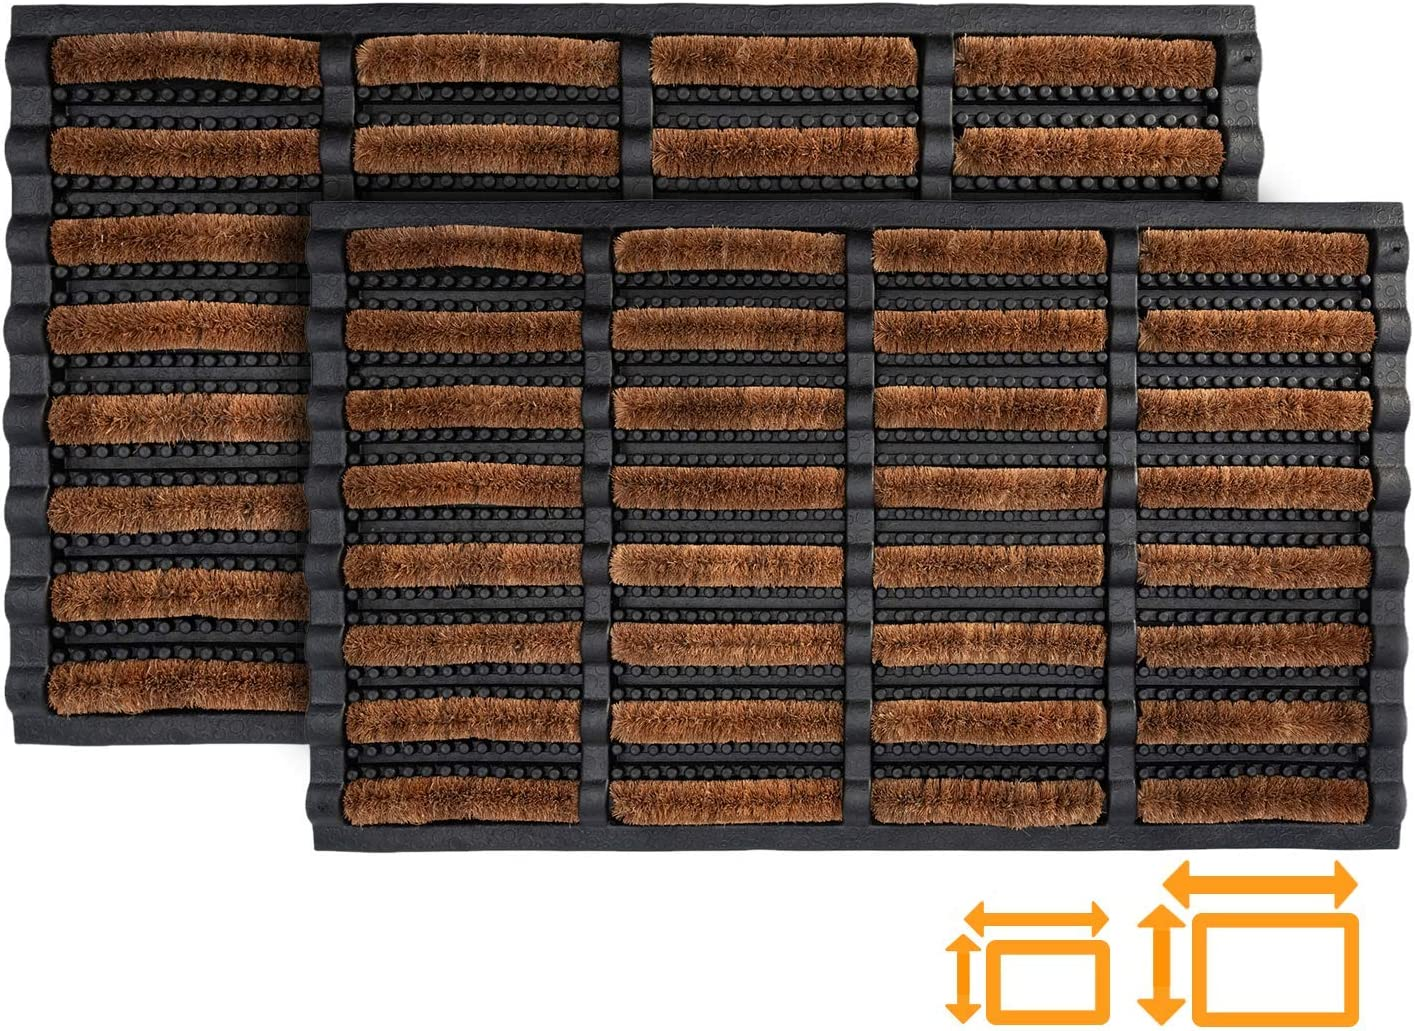 GadHome Felpudo Antideslizante Absorbente Resistente Lavable, 45x75 cm   Alfombra de Entrada de Goma y Fibra Natural con Orificios de Drenaje para Interior y Exterior   Atrapa la Suciedad: Amazon.es: Hogar